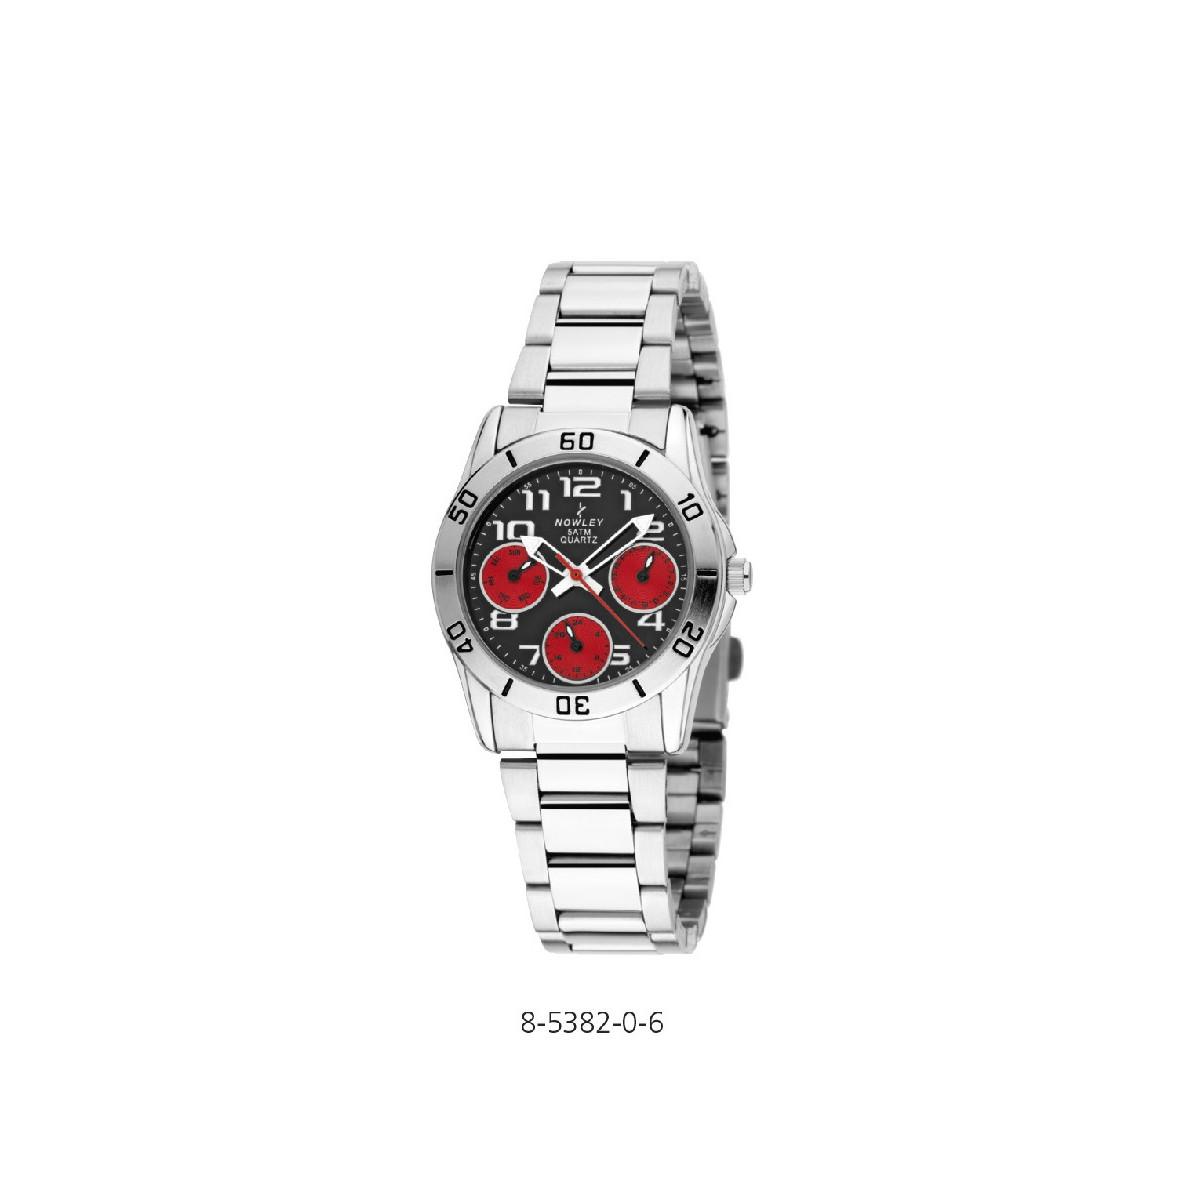 Reloj Nowley - 8-5382-0-6